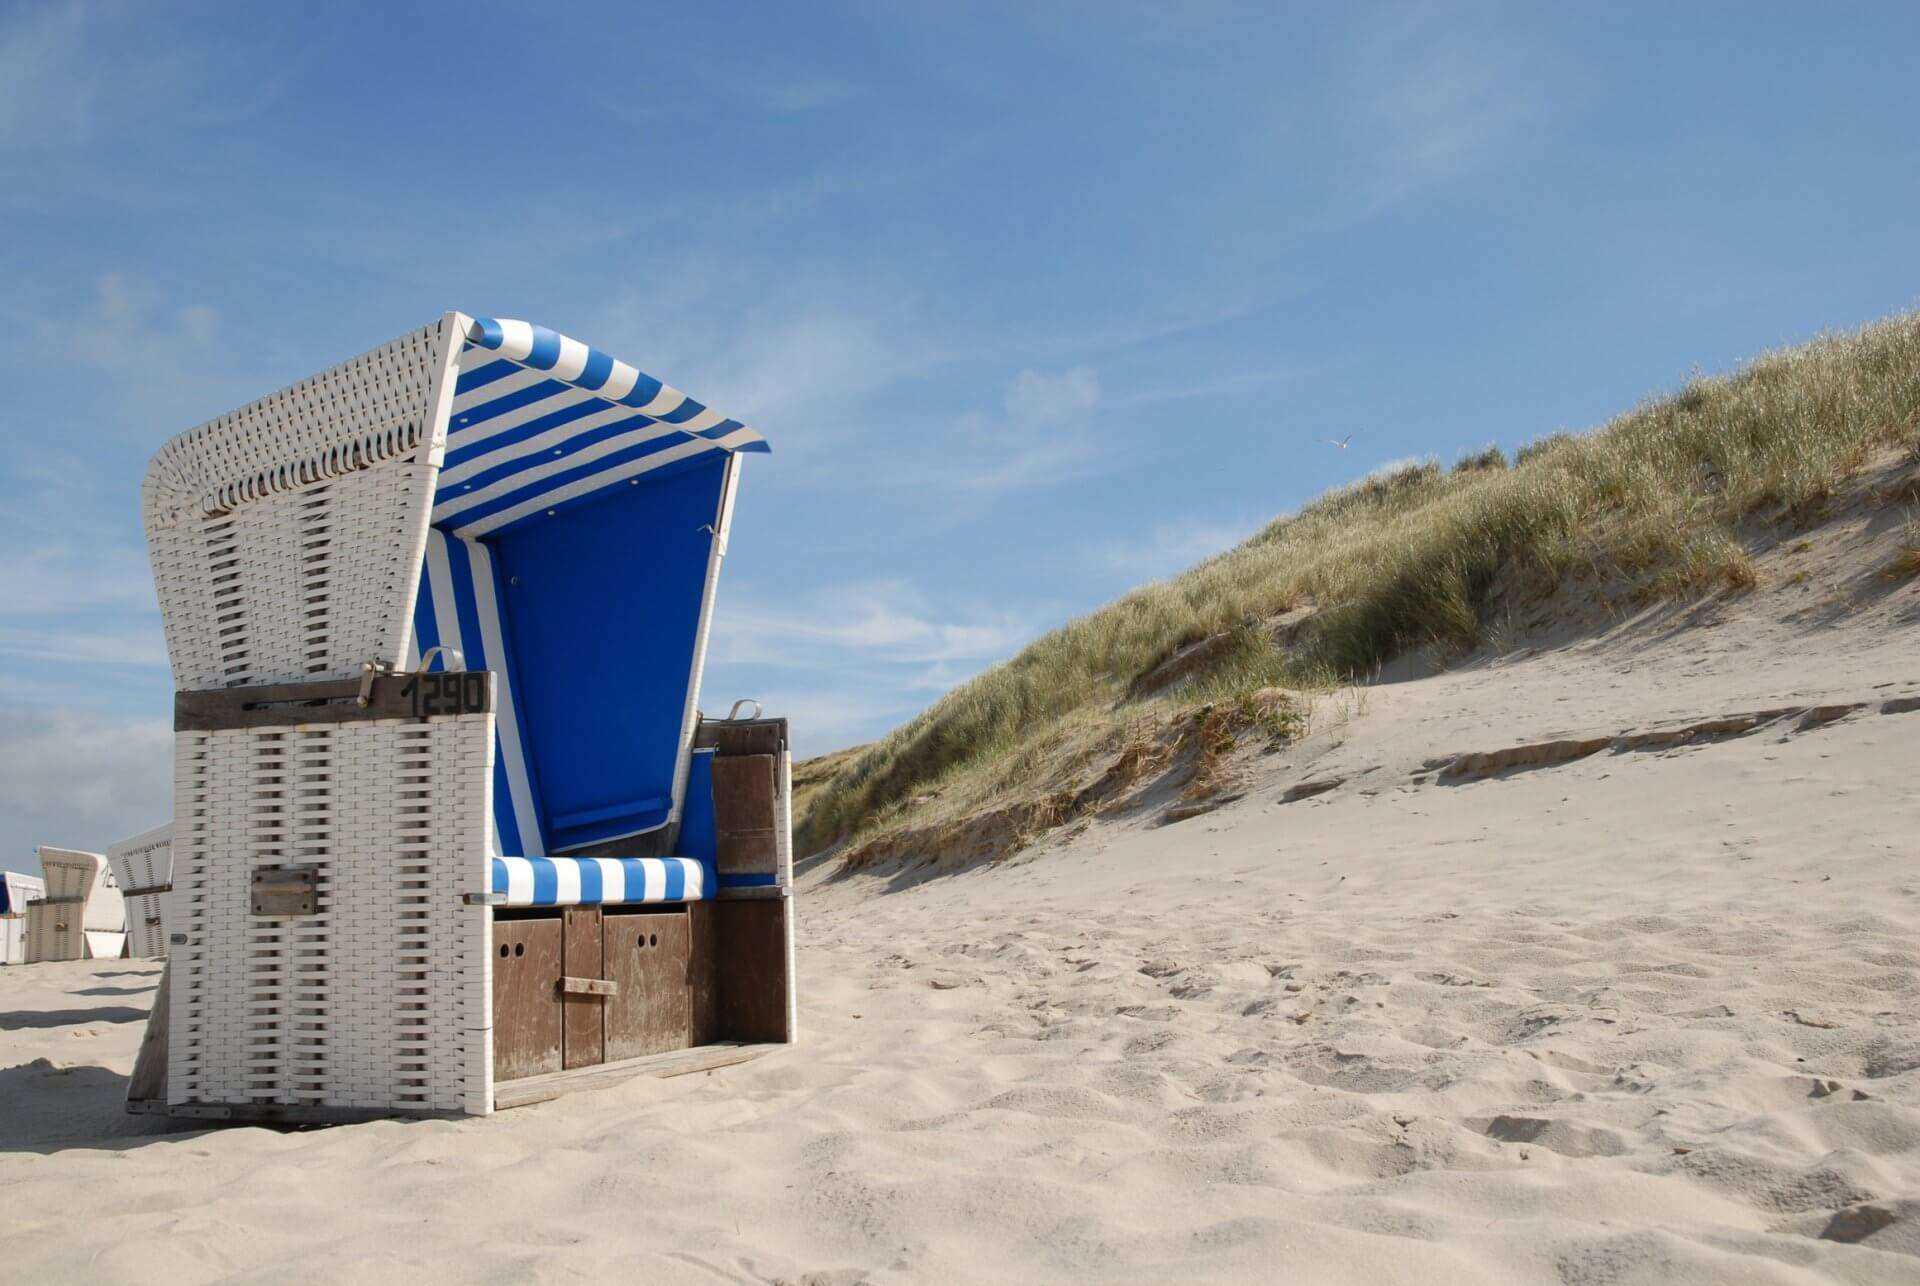 Direktflüge und Billigflüge nach Westerland/Sylt